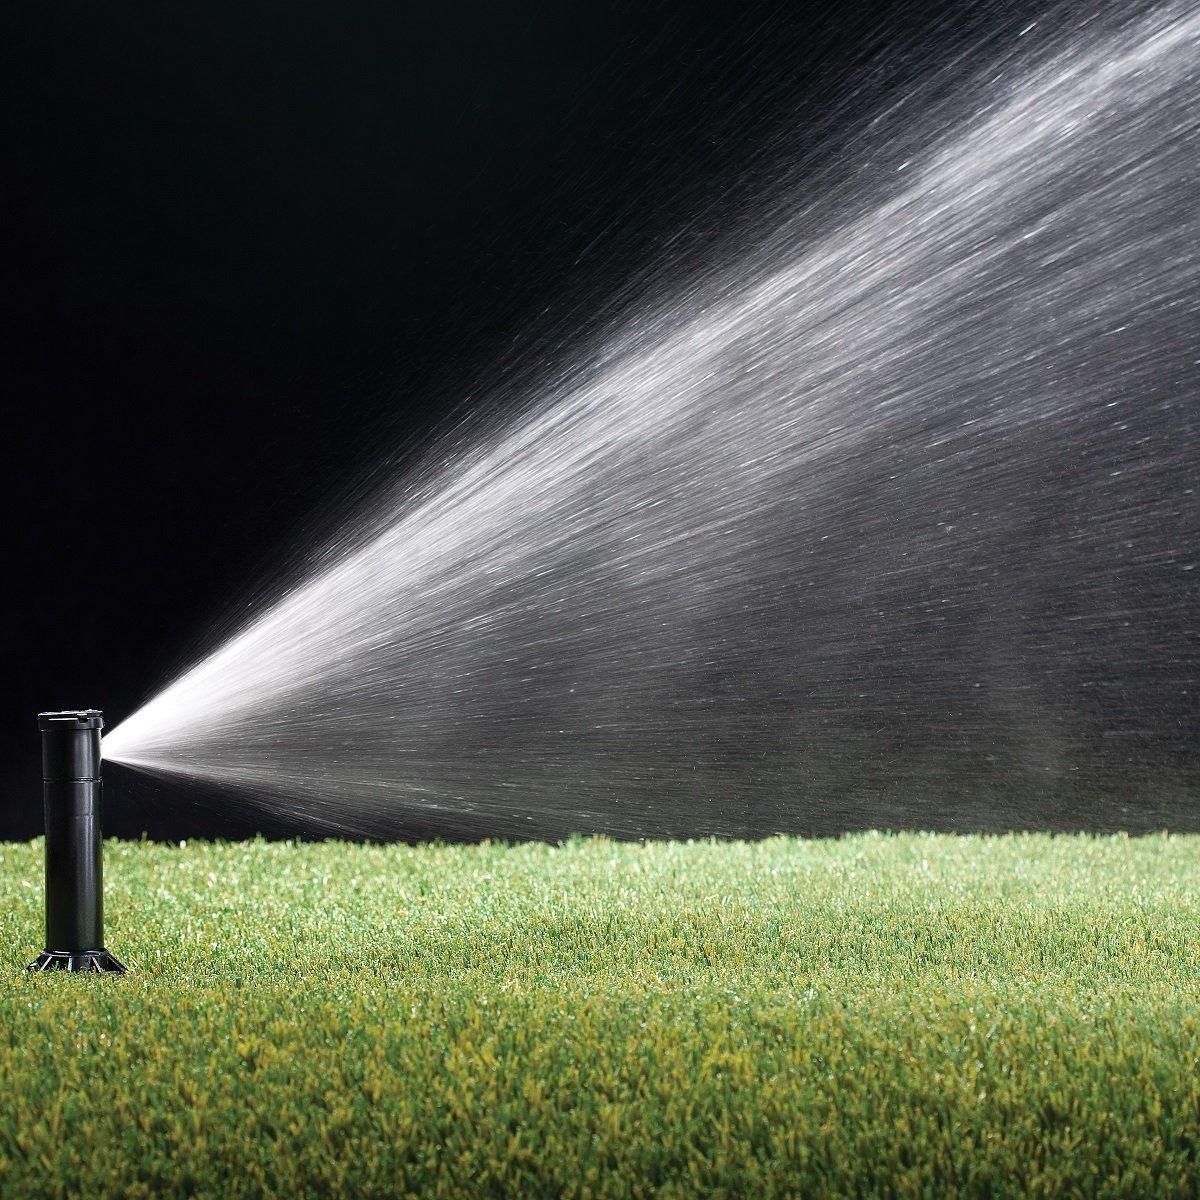 6 x Versenkregner Rasensprenger Sprinkler Hunter Regner PROS-04 10cm Sprenger